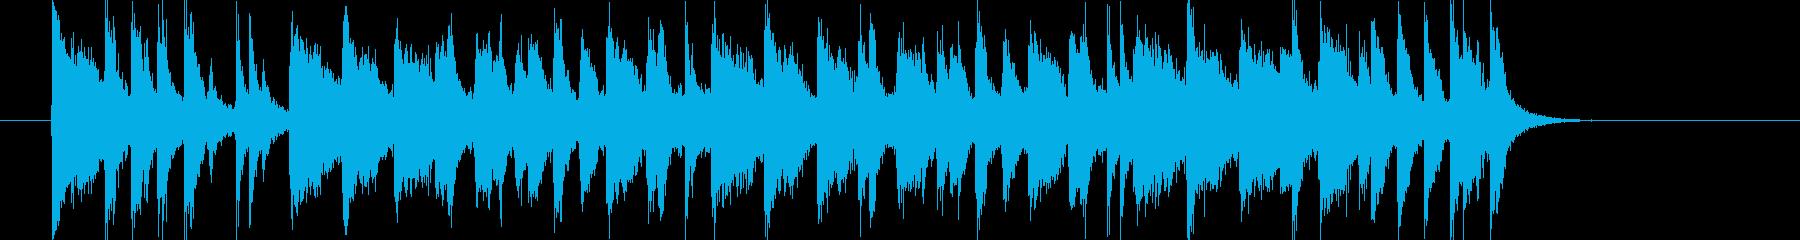 リズミカルで明るいポップジングルの再生済みの波形